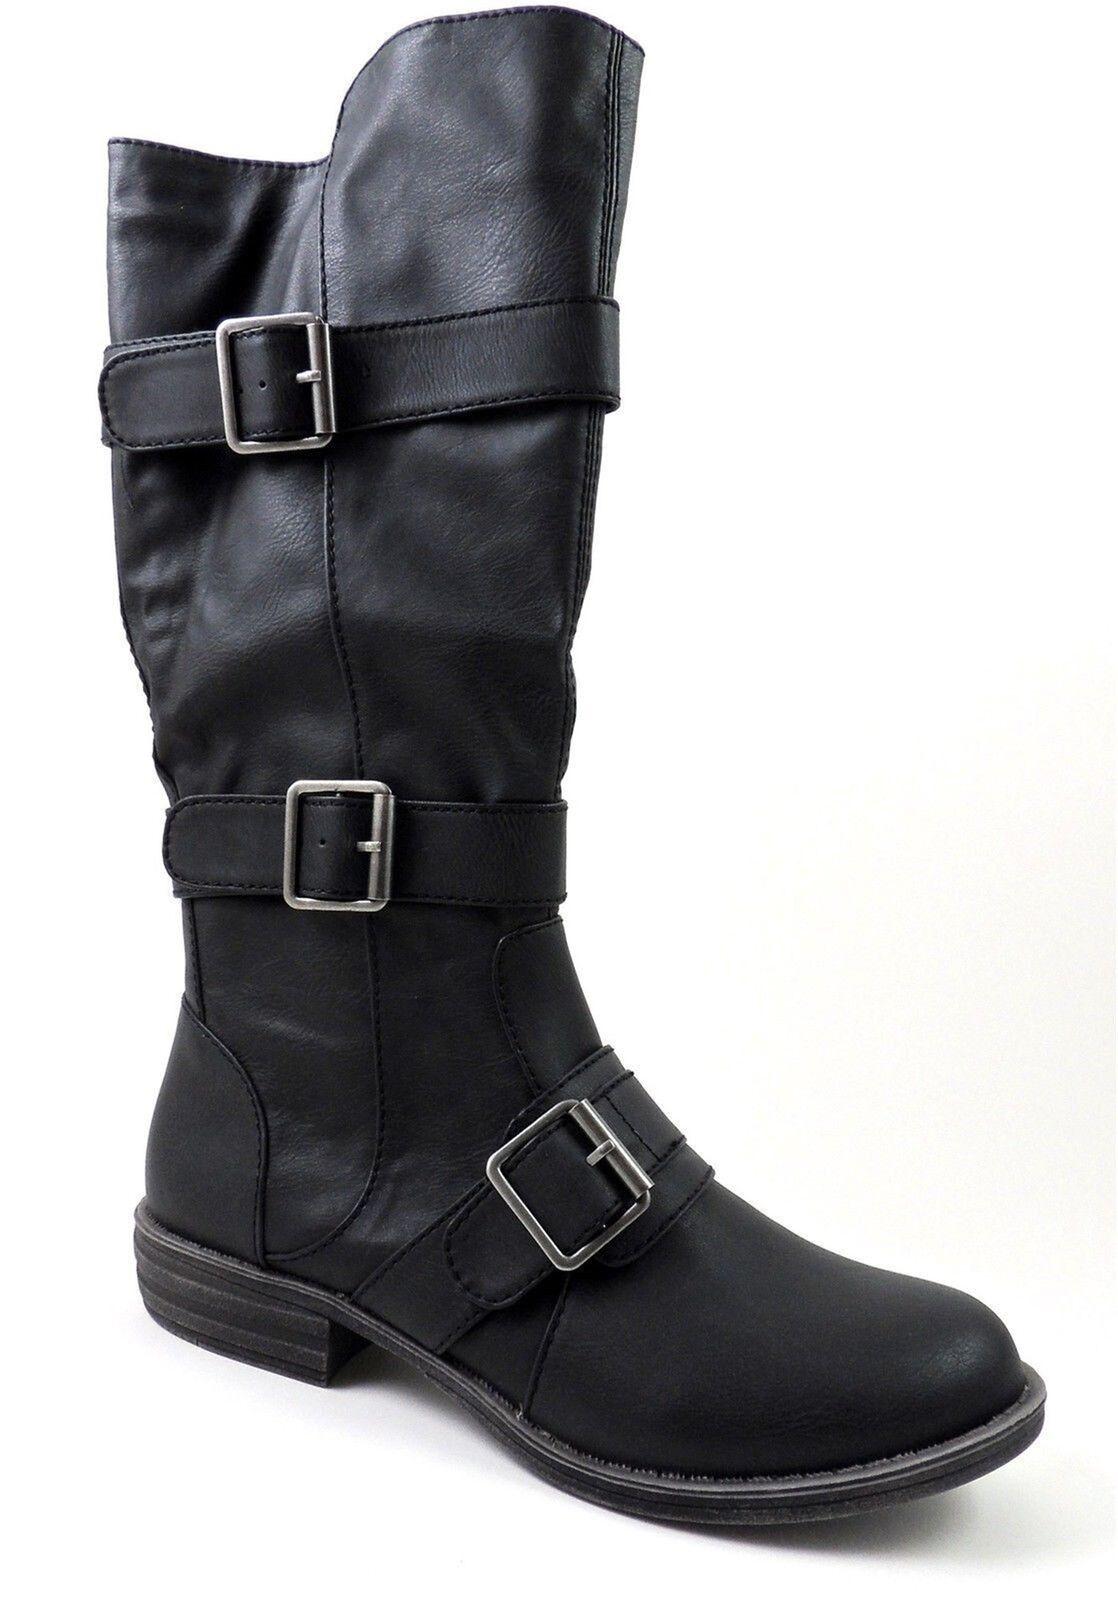 American Rag Kandice Mujer Botas Altas Utilidad Utilidad Utilidad Negro (B, M) 5bea8f